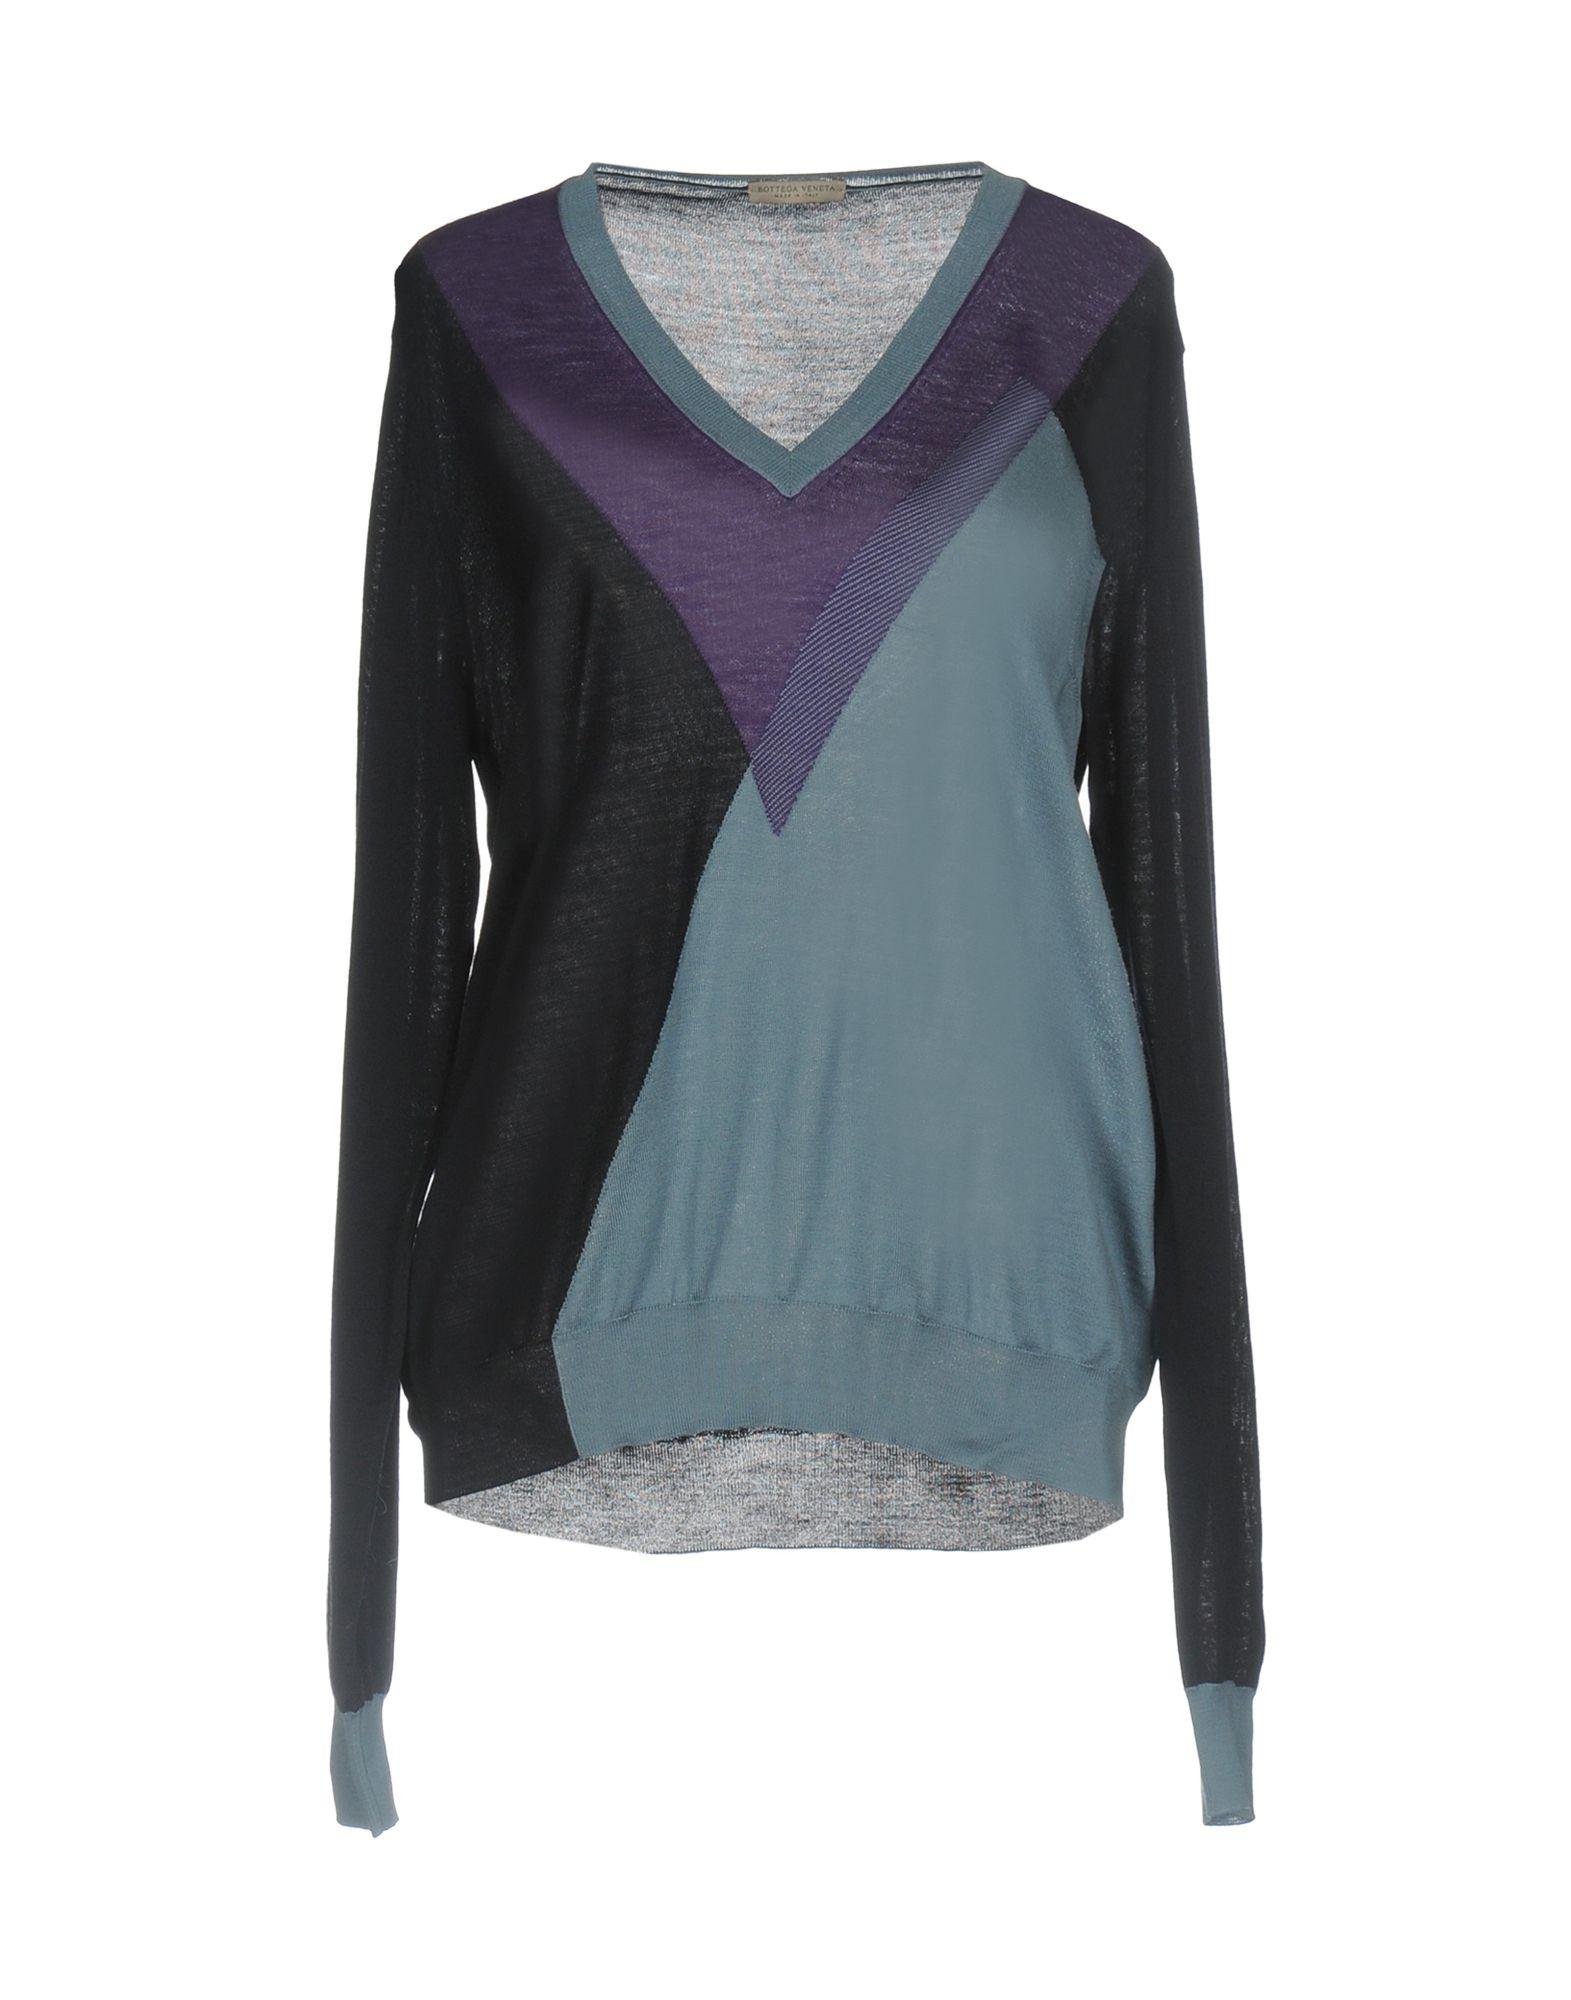 Pullover Bottega Veneta Donna - Acquista online su RZrB61W7tM